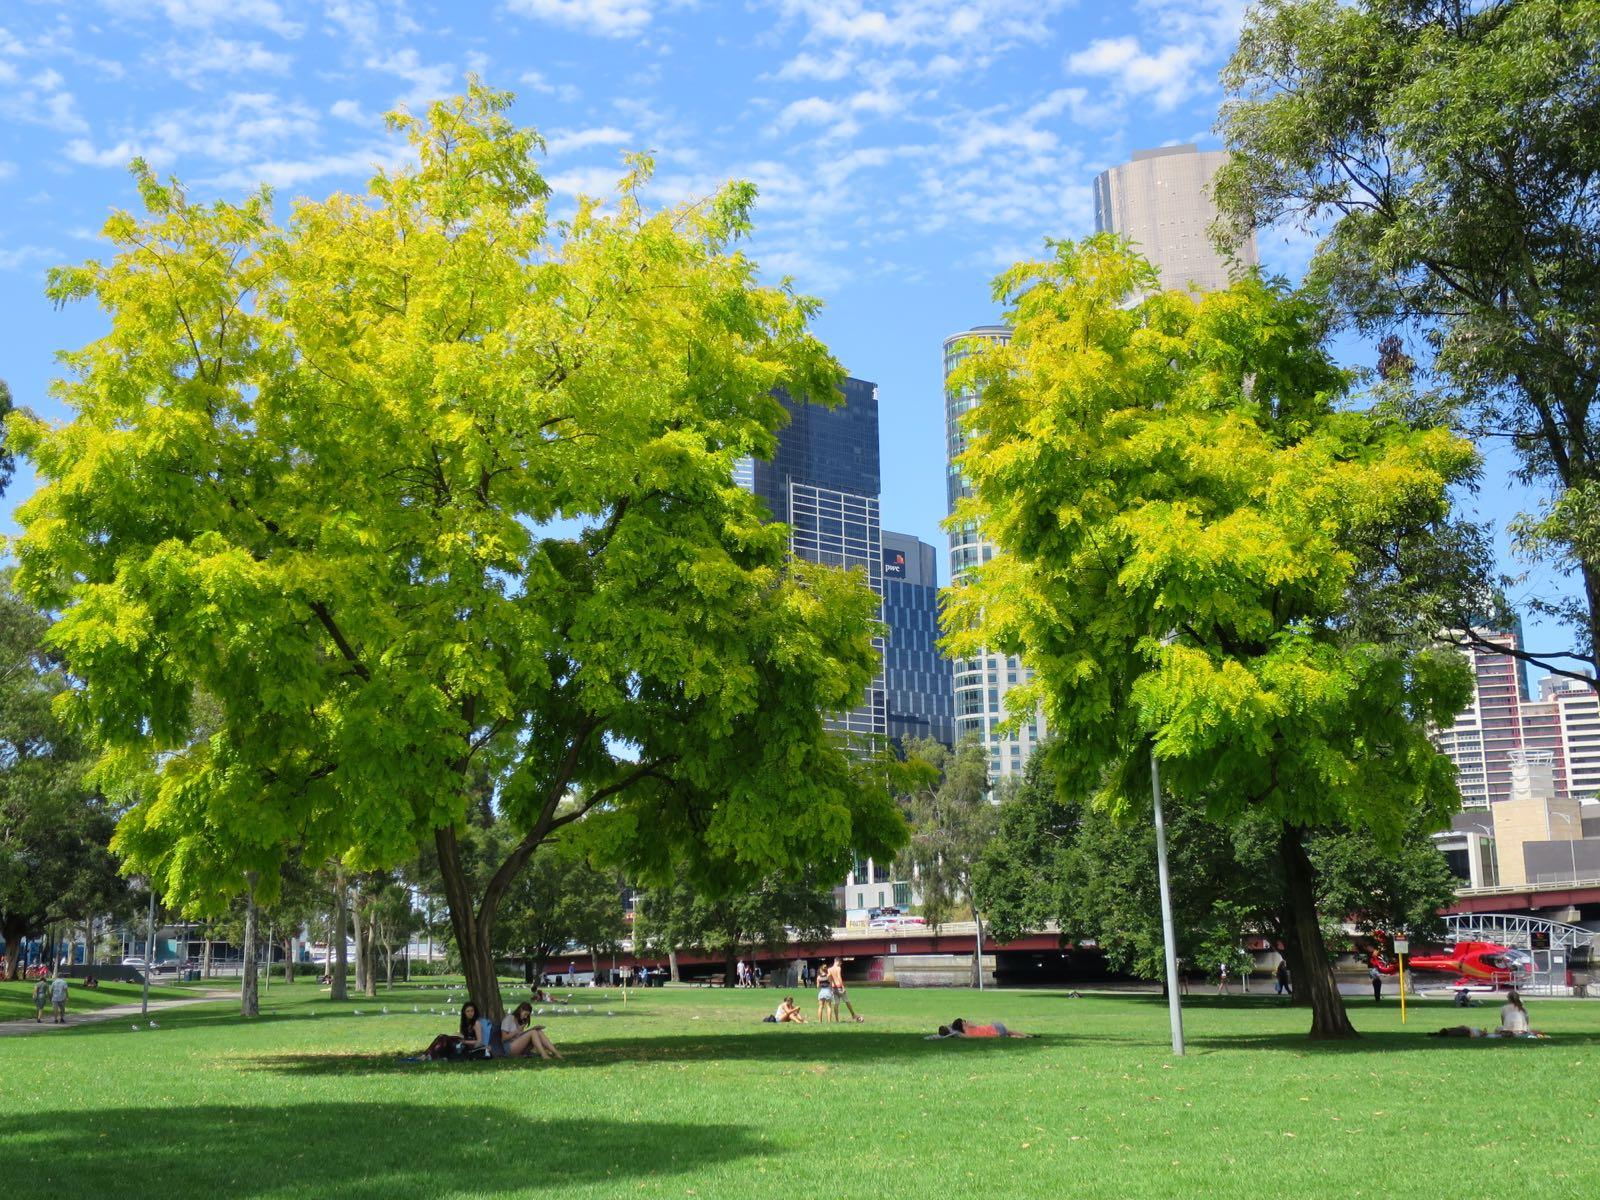 Epätodellisen vihreät puut downtownissa (tätä kuvaa ei ole käsitelty mitenkään vaikka se siltä näyttääkin!)